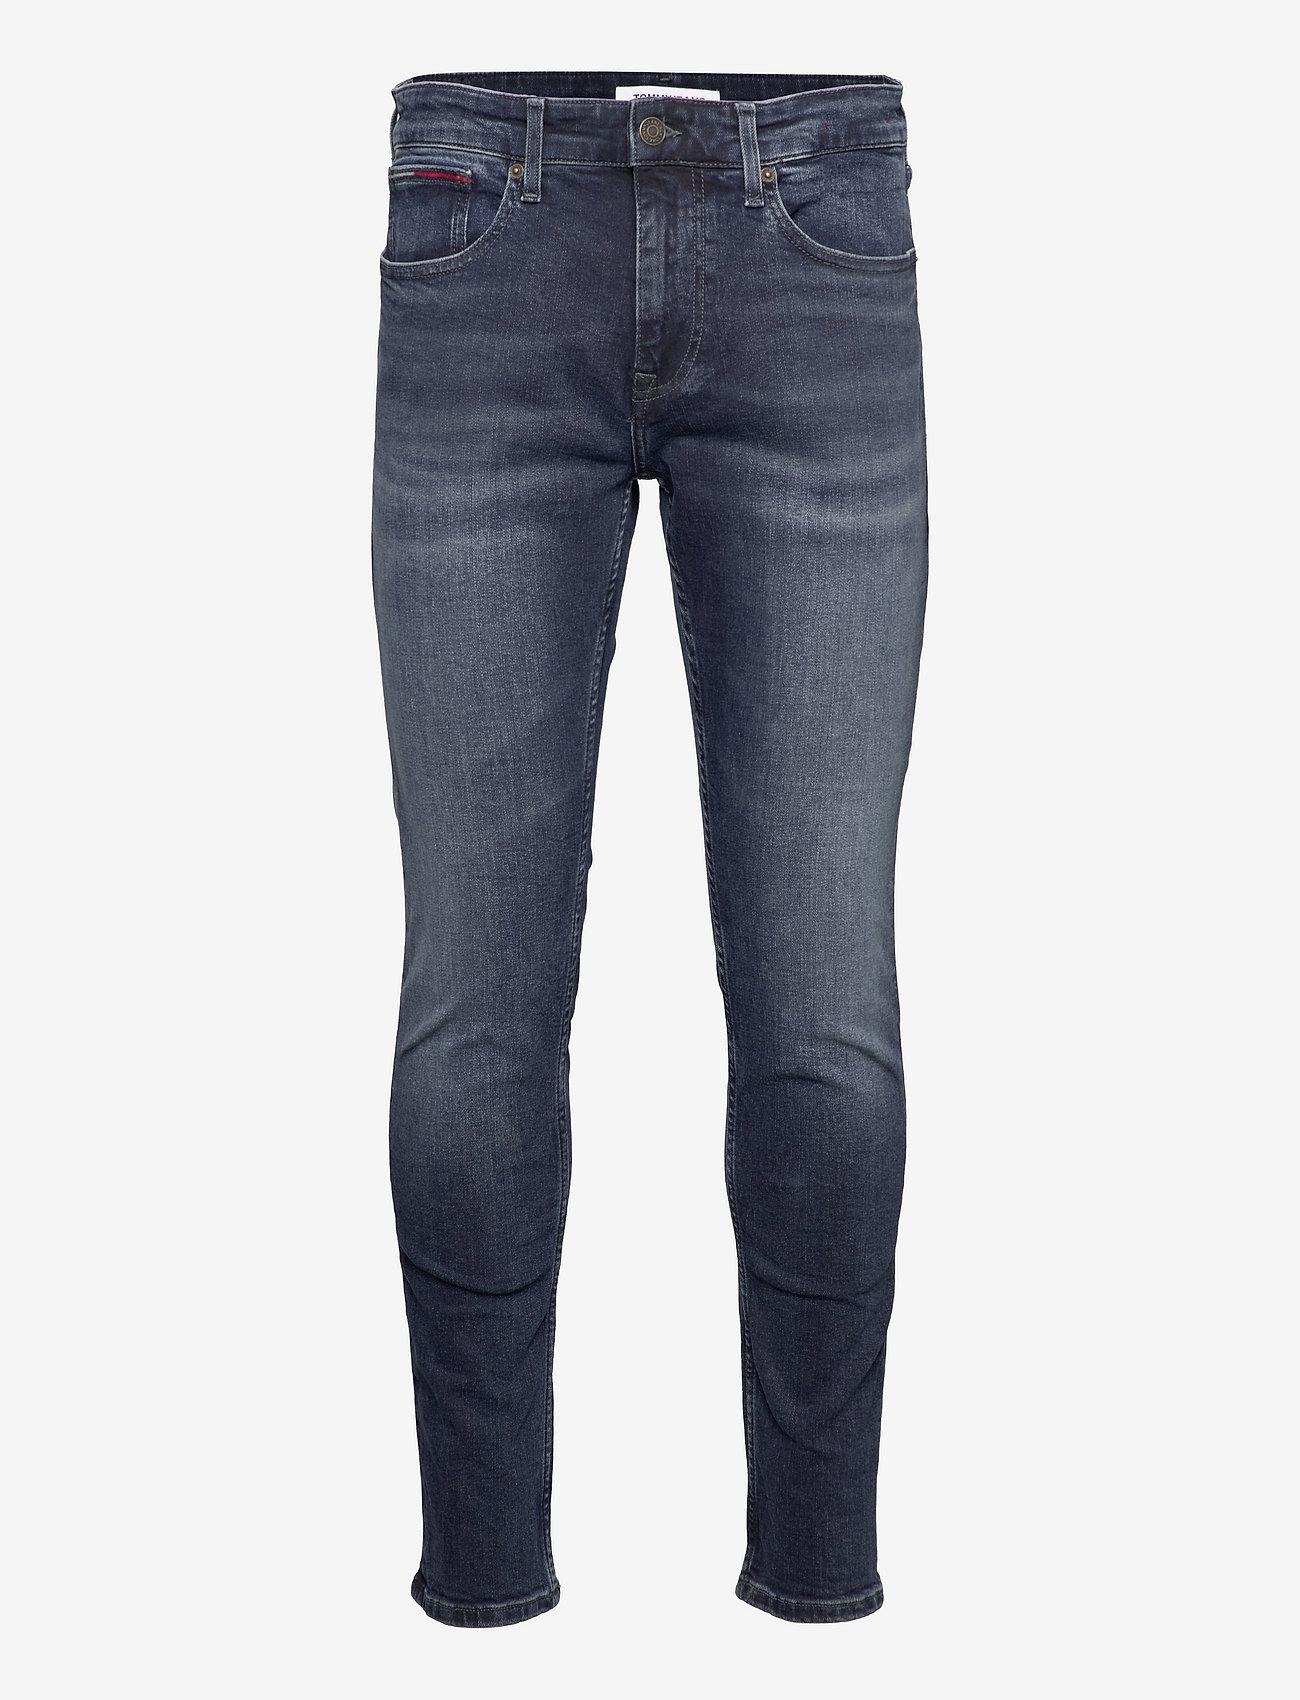 Tommy Jeans - AUSTIN SLIM TPRD BE165 BBKS - slim jeans - denim dark - 0